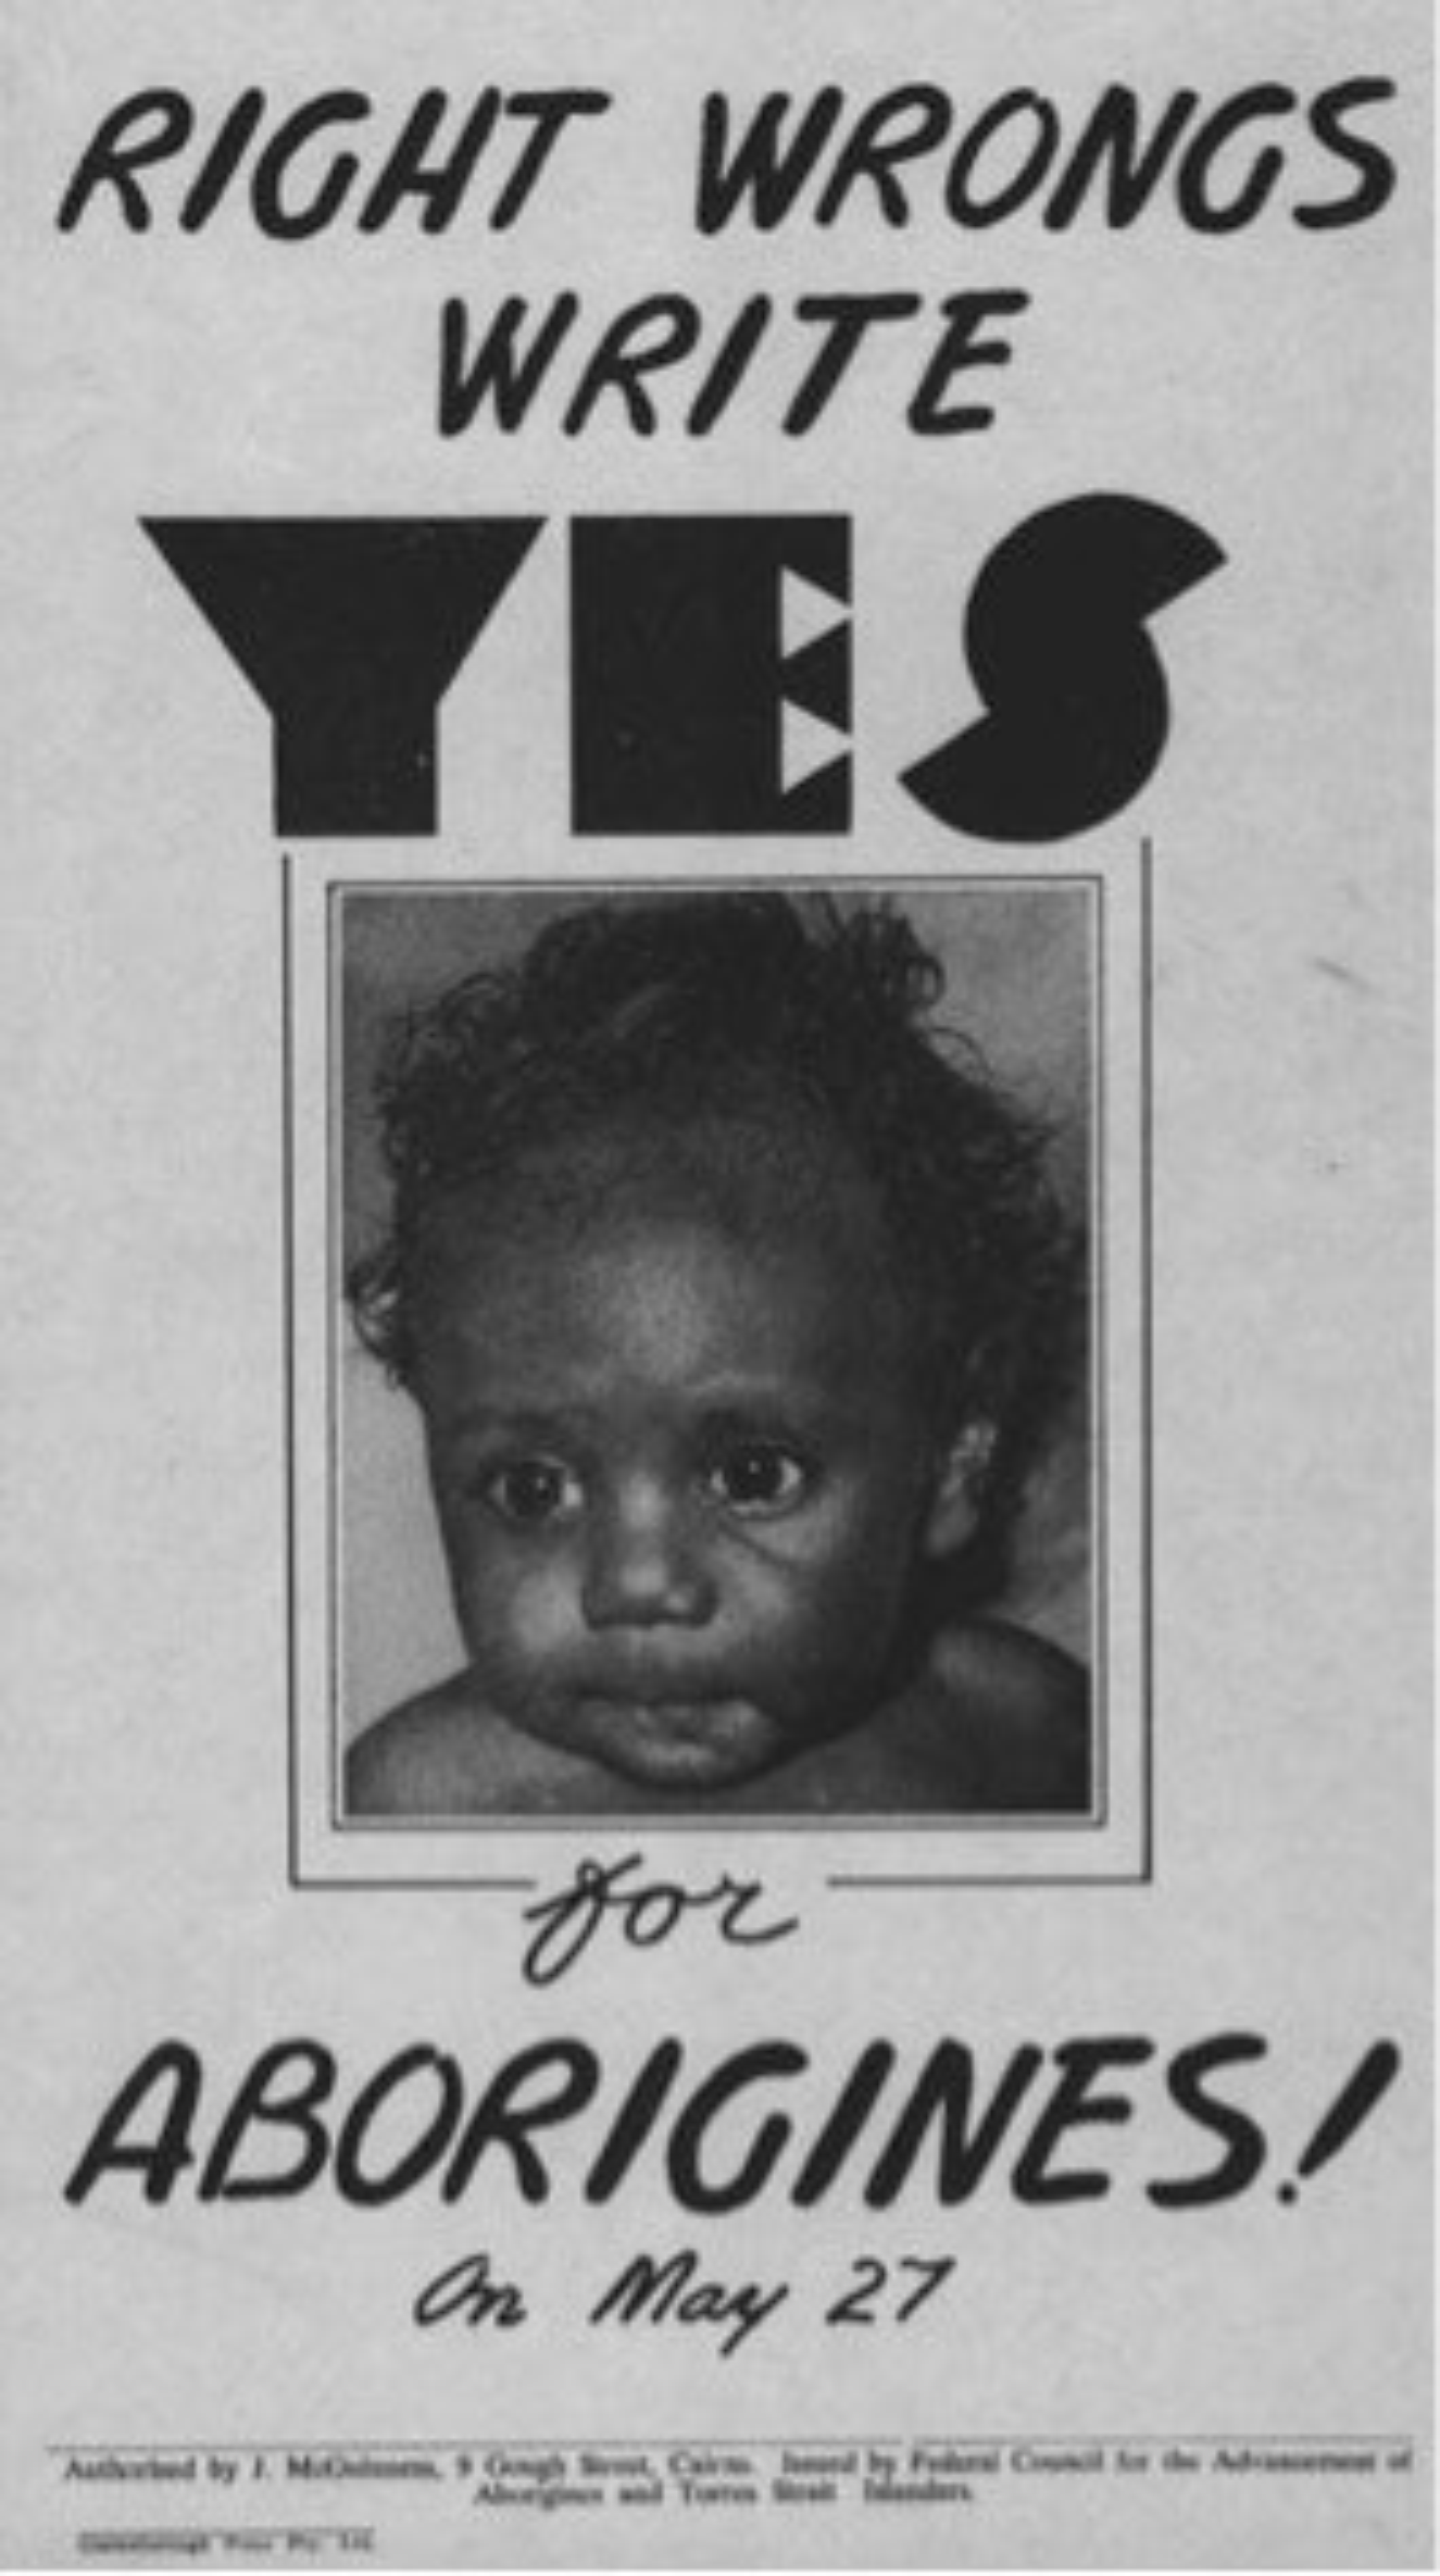 1967 referendum summary